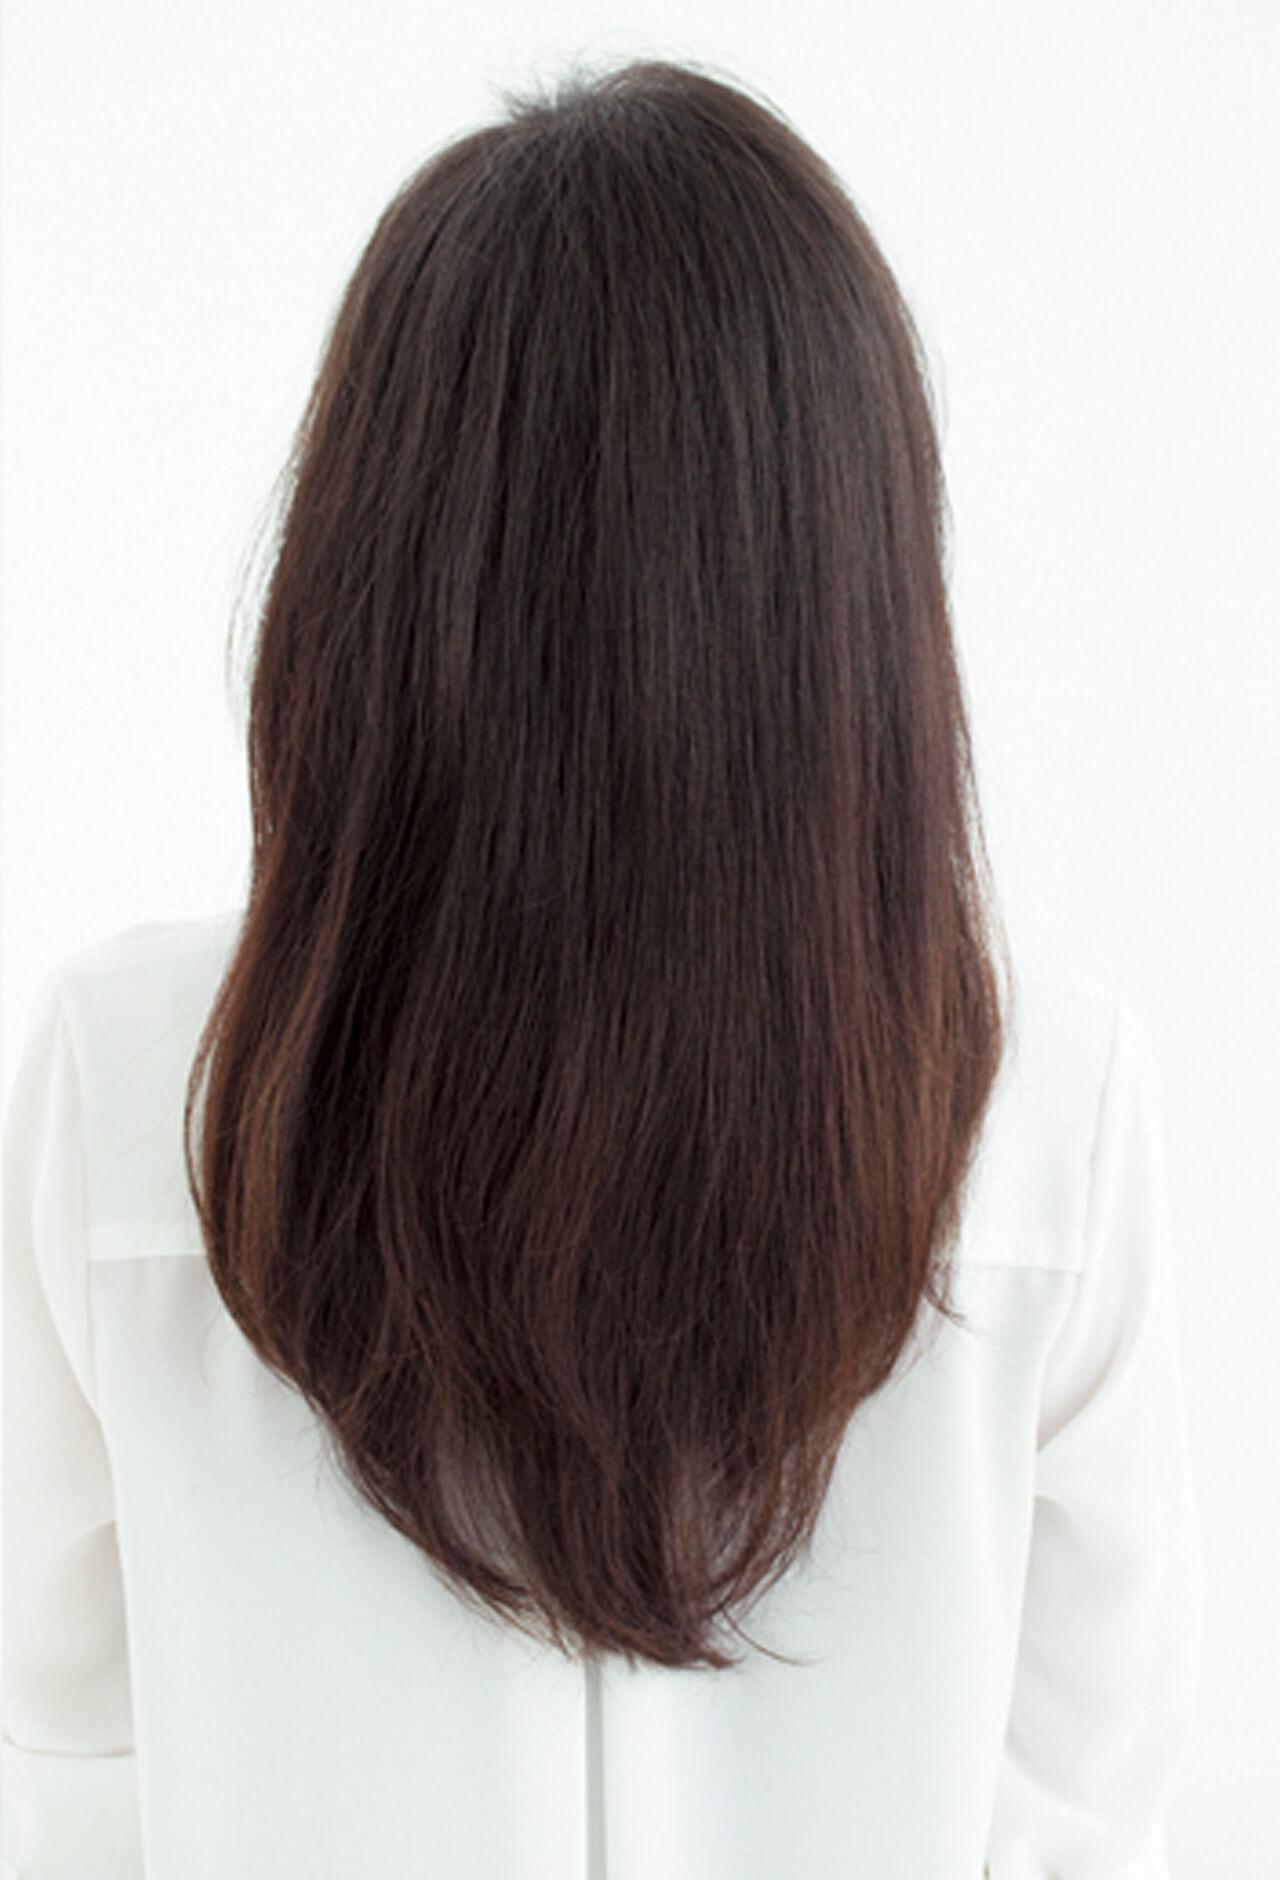 硬い髪質、ゴワつく髪もしっとり柔らかく。ツヤめく前下がりロングヘア【40代のロングヘア】_1_3